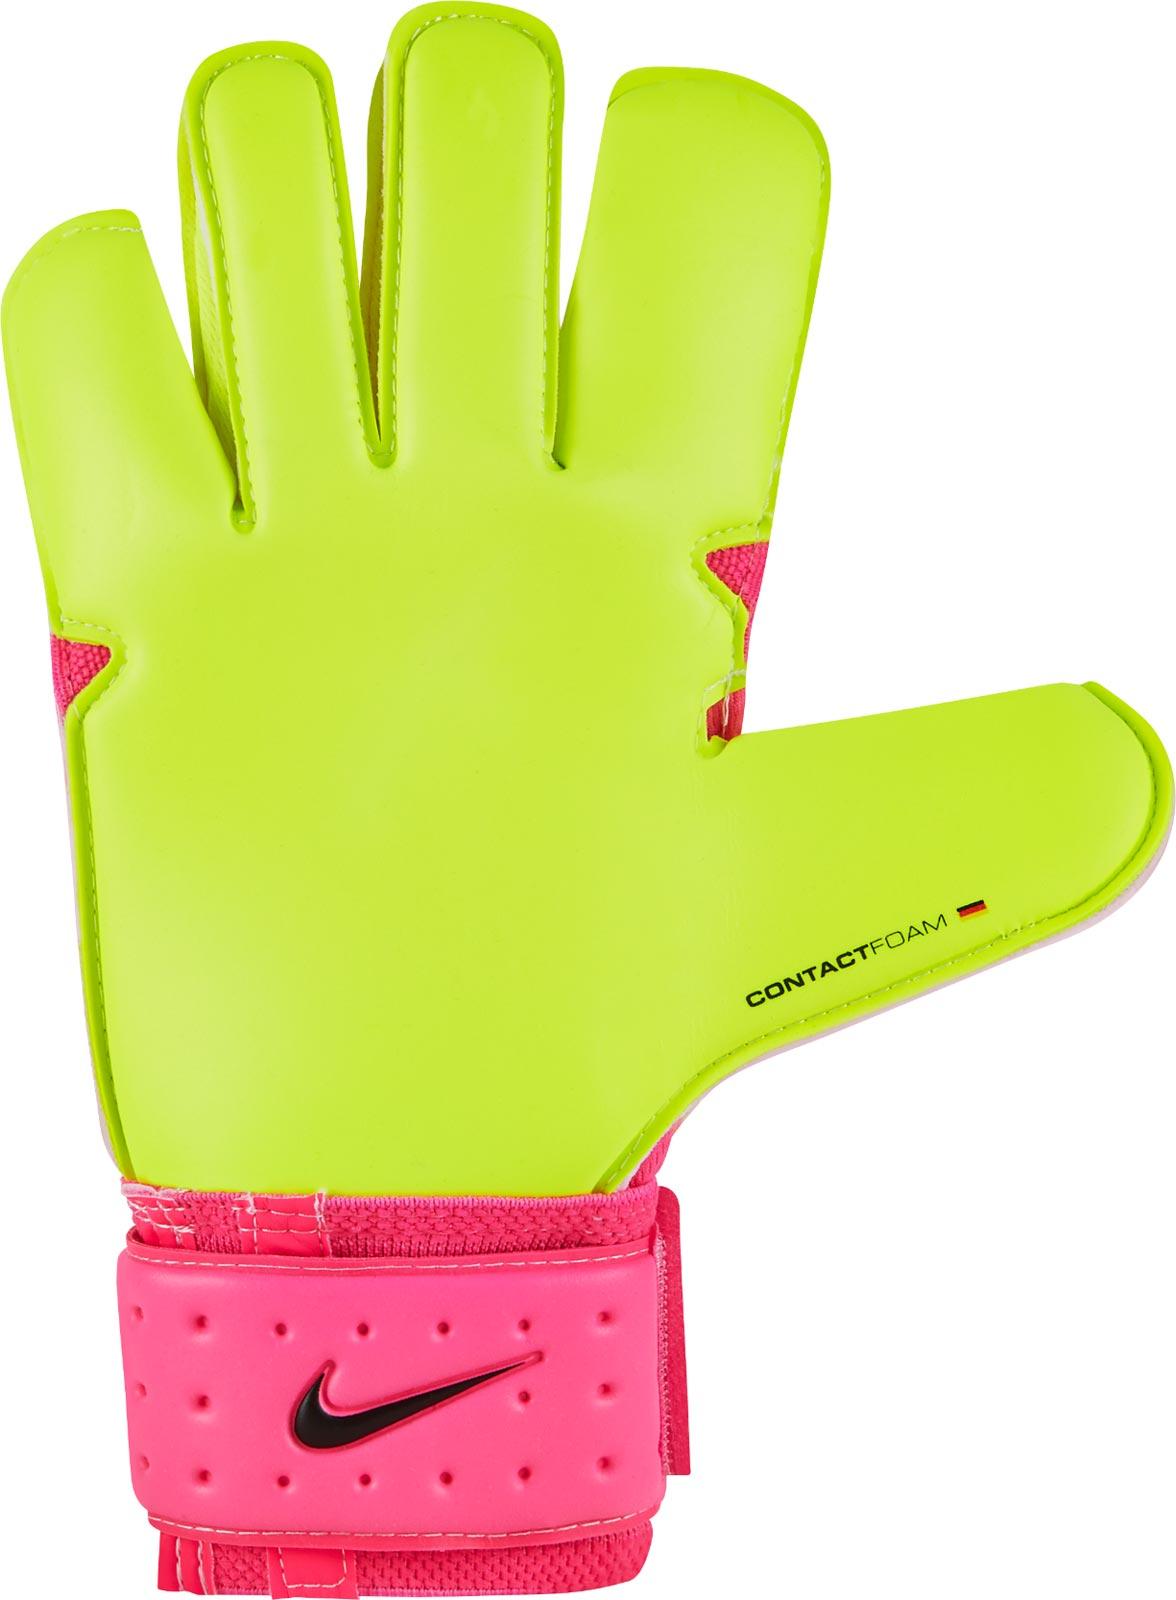 Striking Nike Vapor Grip 3 2016-2017 Gloves Revealed ...